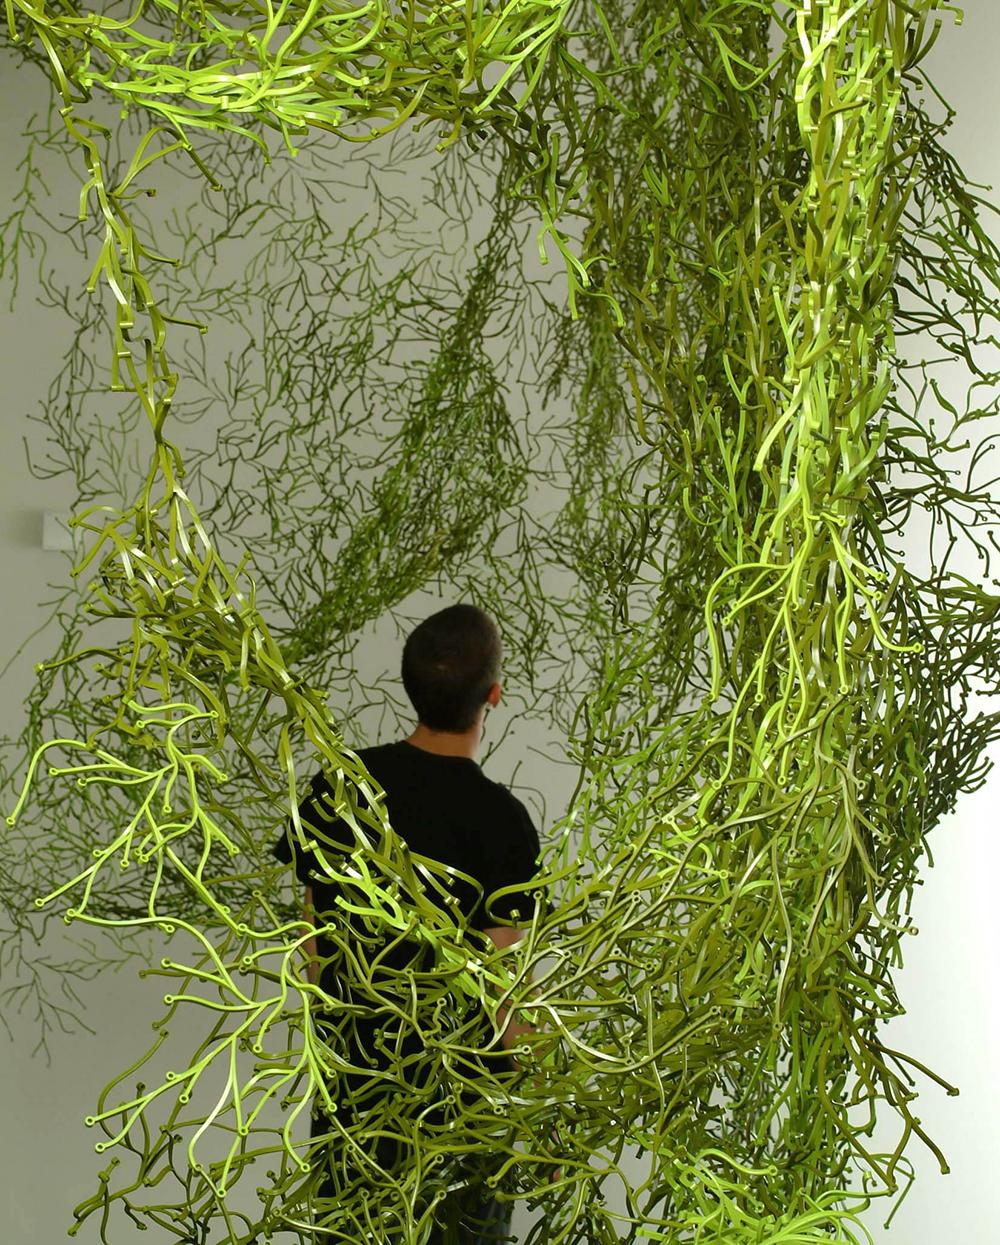 אצות, 2004, ויטרה. מערכת המאפשרת למשתמש להתקין מחיצות במערכי צפיפות משתנים, ויחידותיה מִתְרבות באופן כמו-אורגני, ליצירת אדריכלות בדרגה מילימטרית